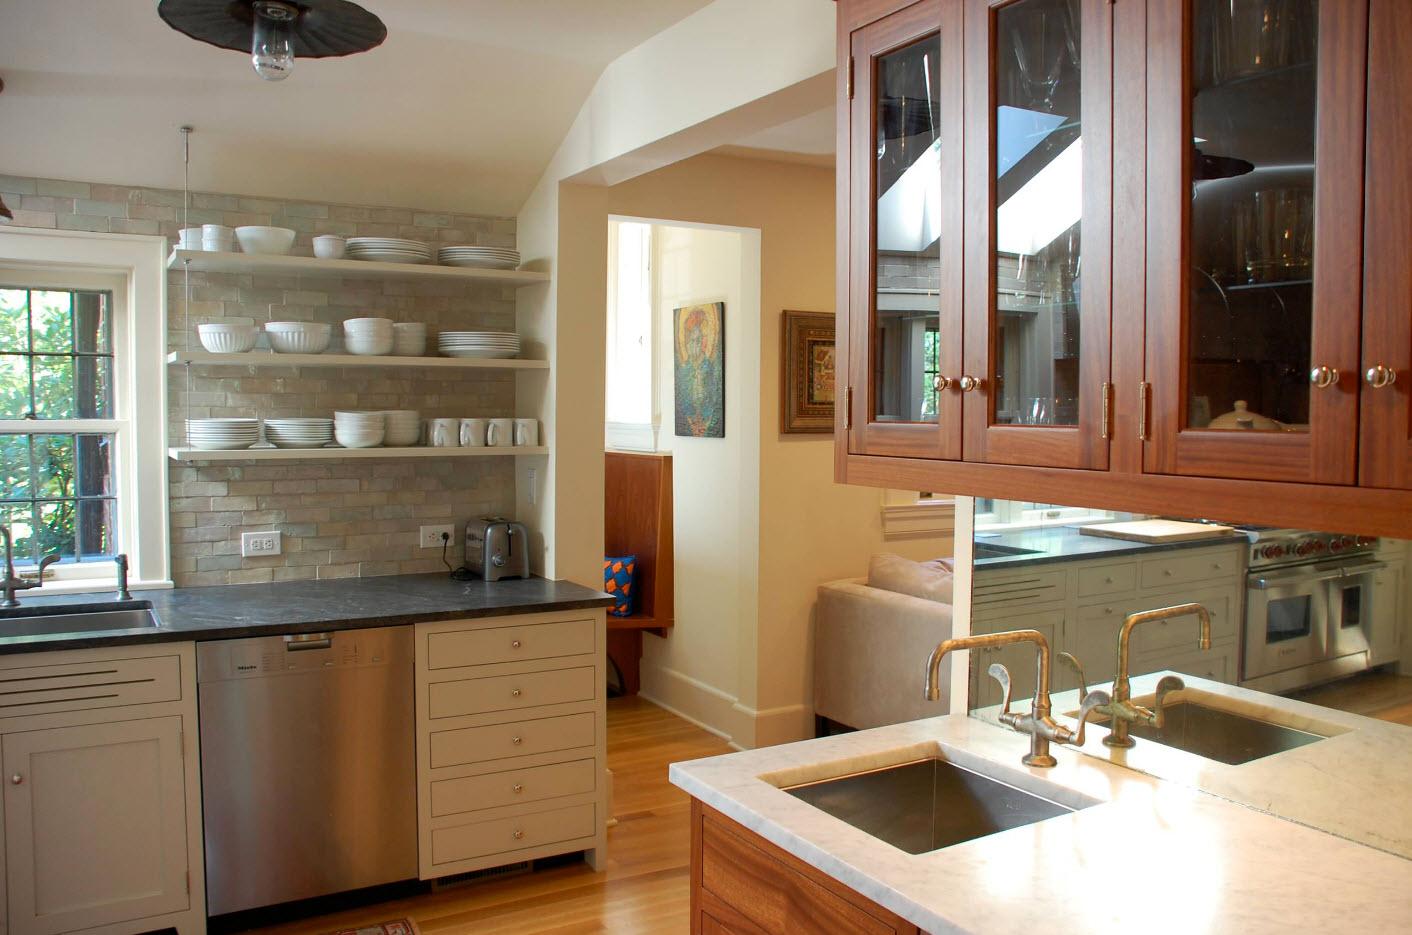 Открытые полки как честь кухонного ансамбля